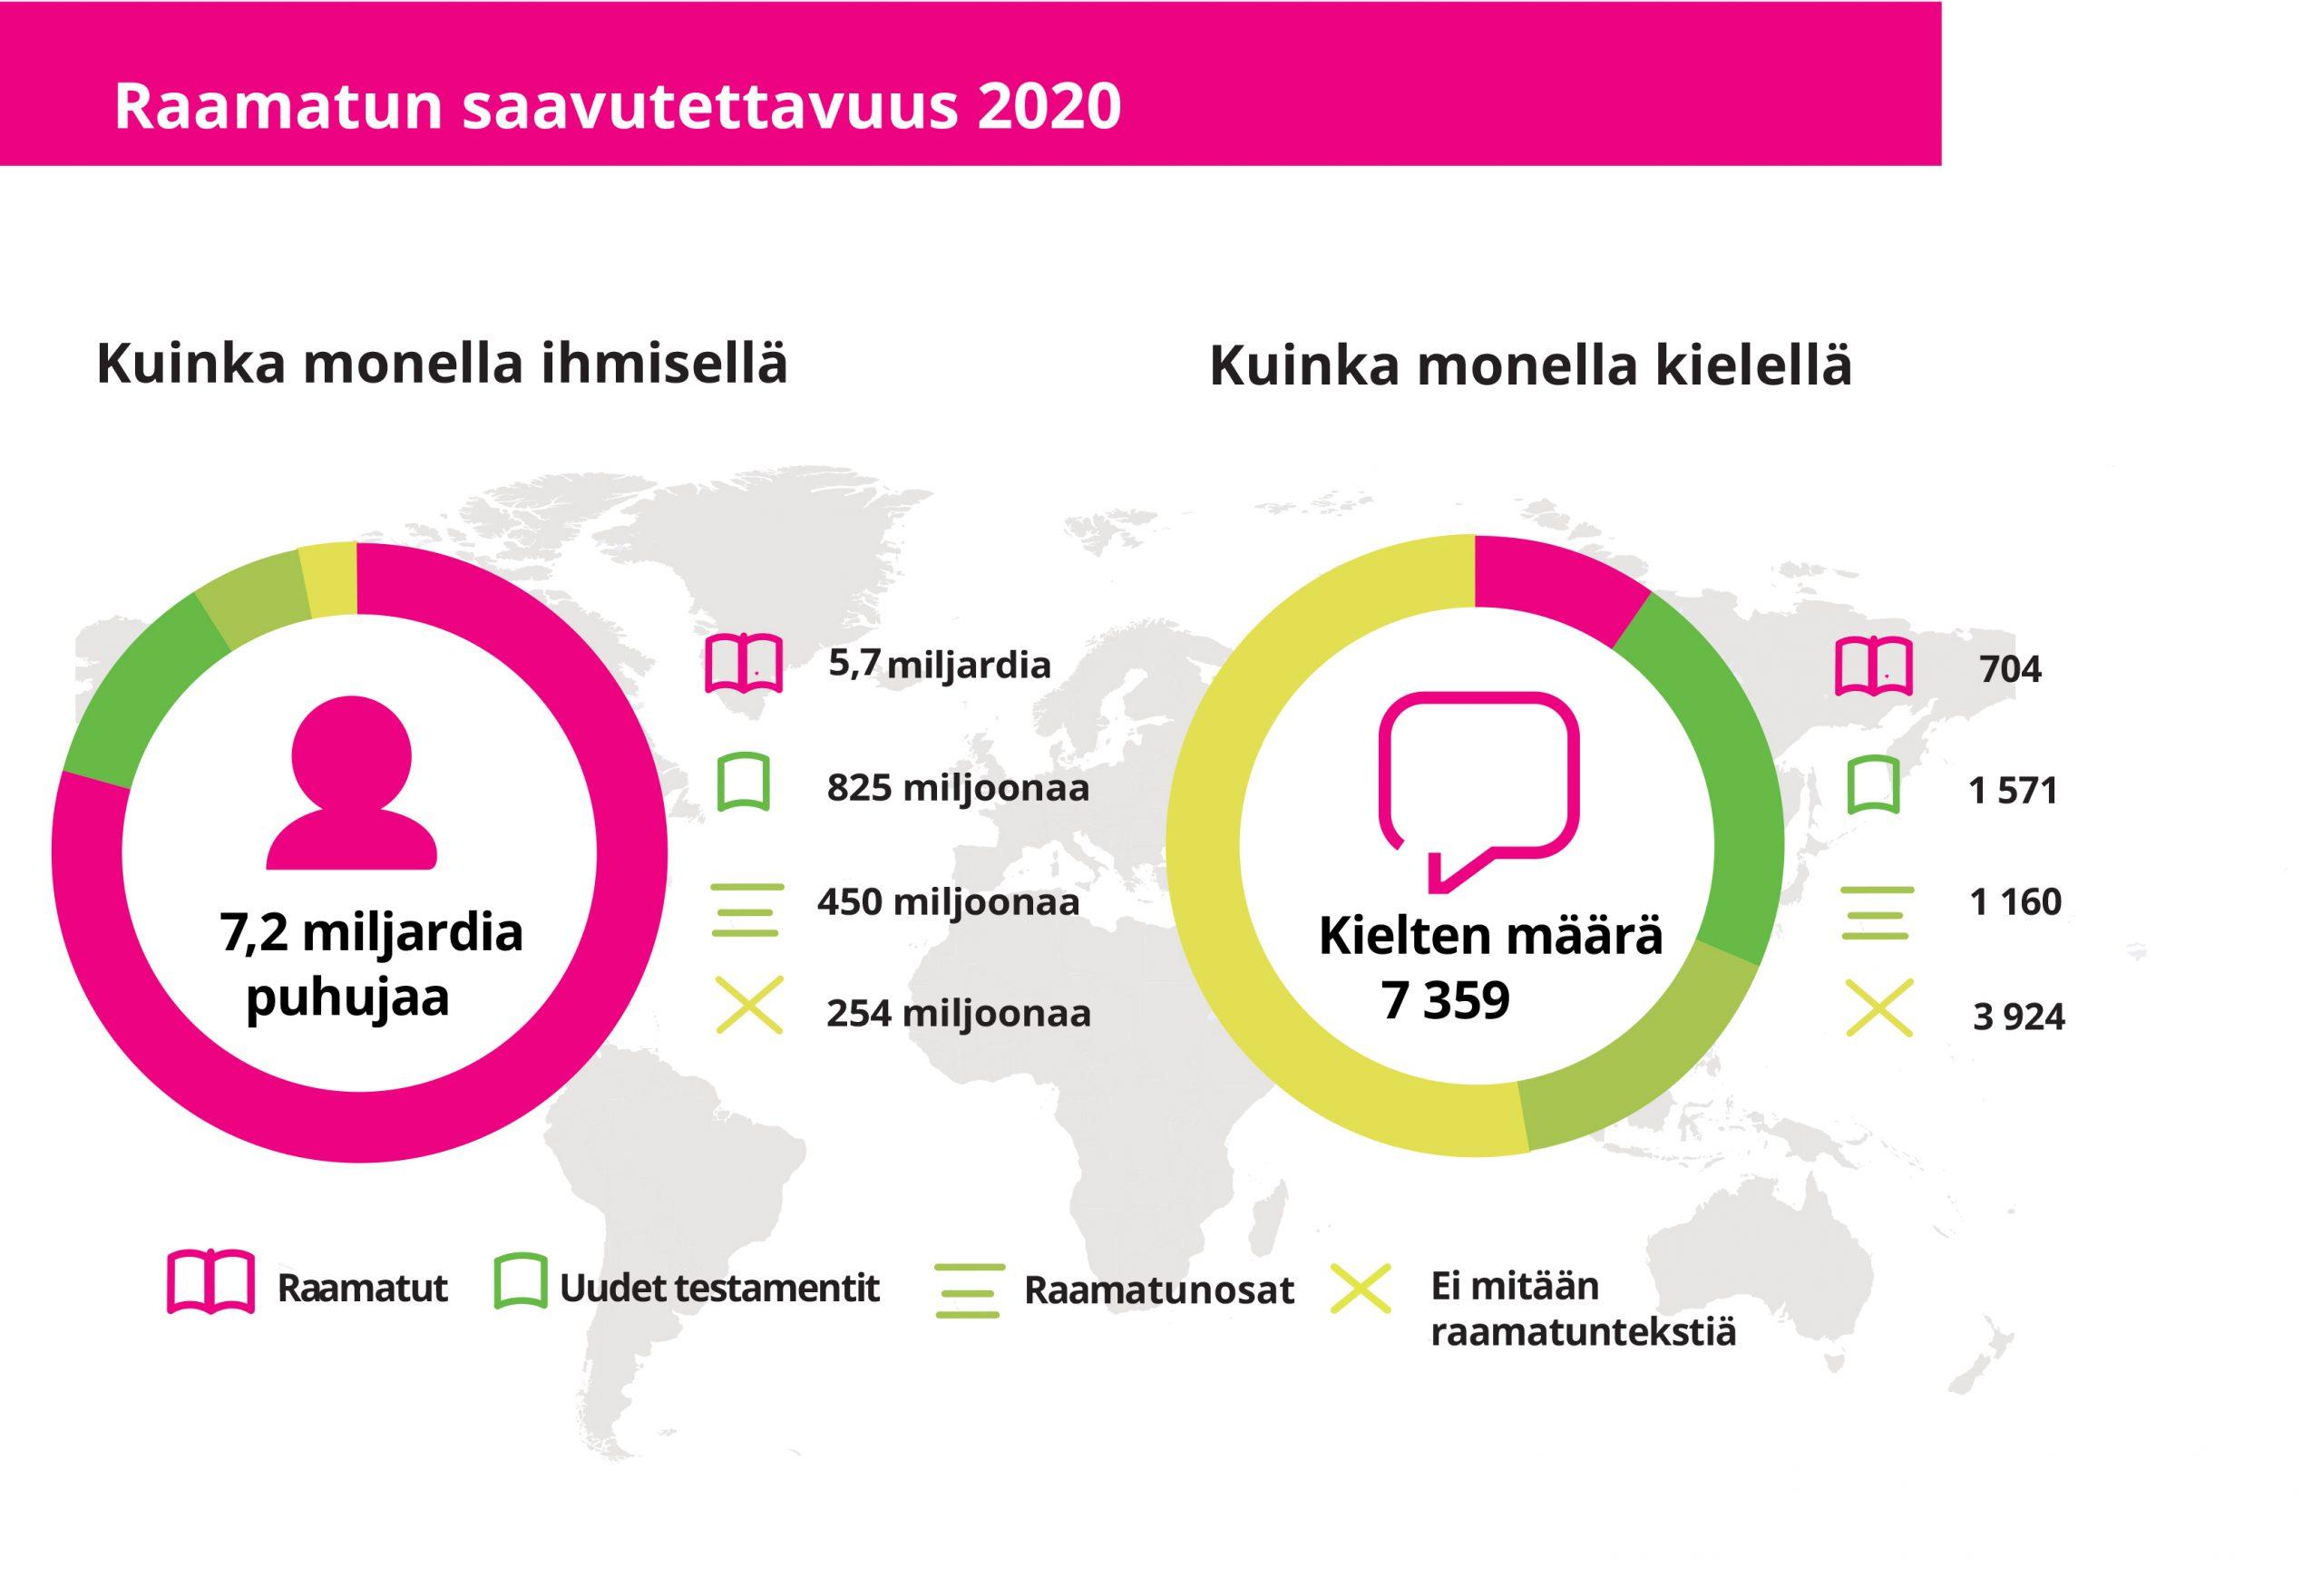 Raamatun saatavuus eri kielilajeittain ja puhujaryhmille vuoden 2020 tilasto